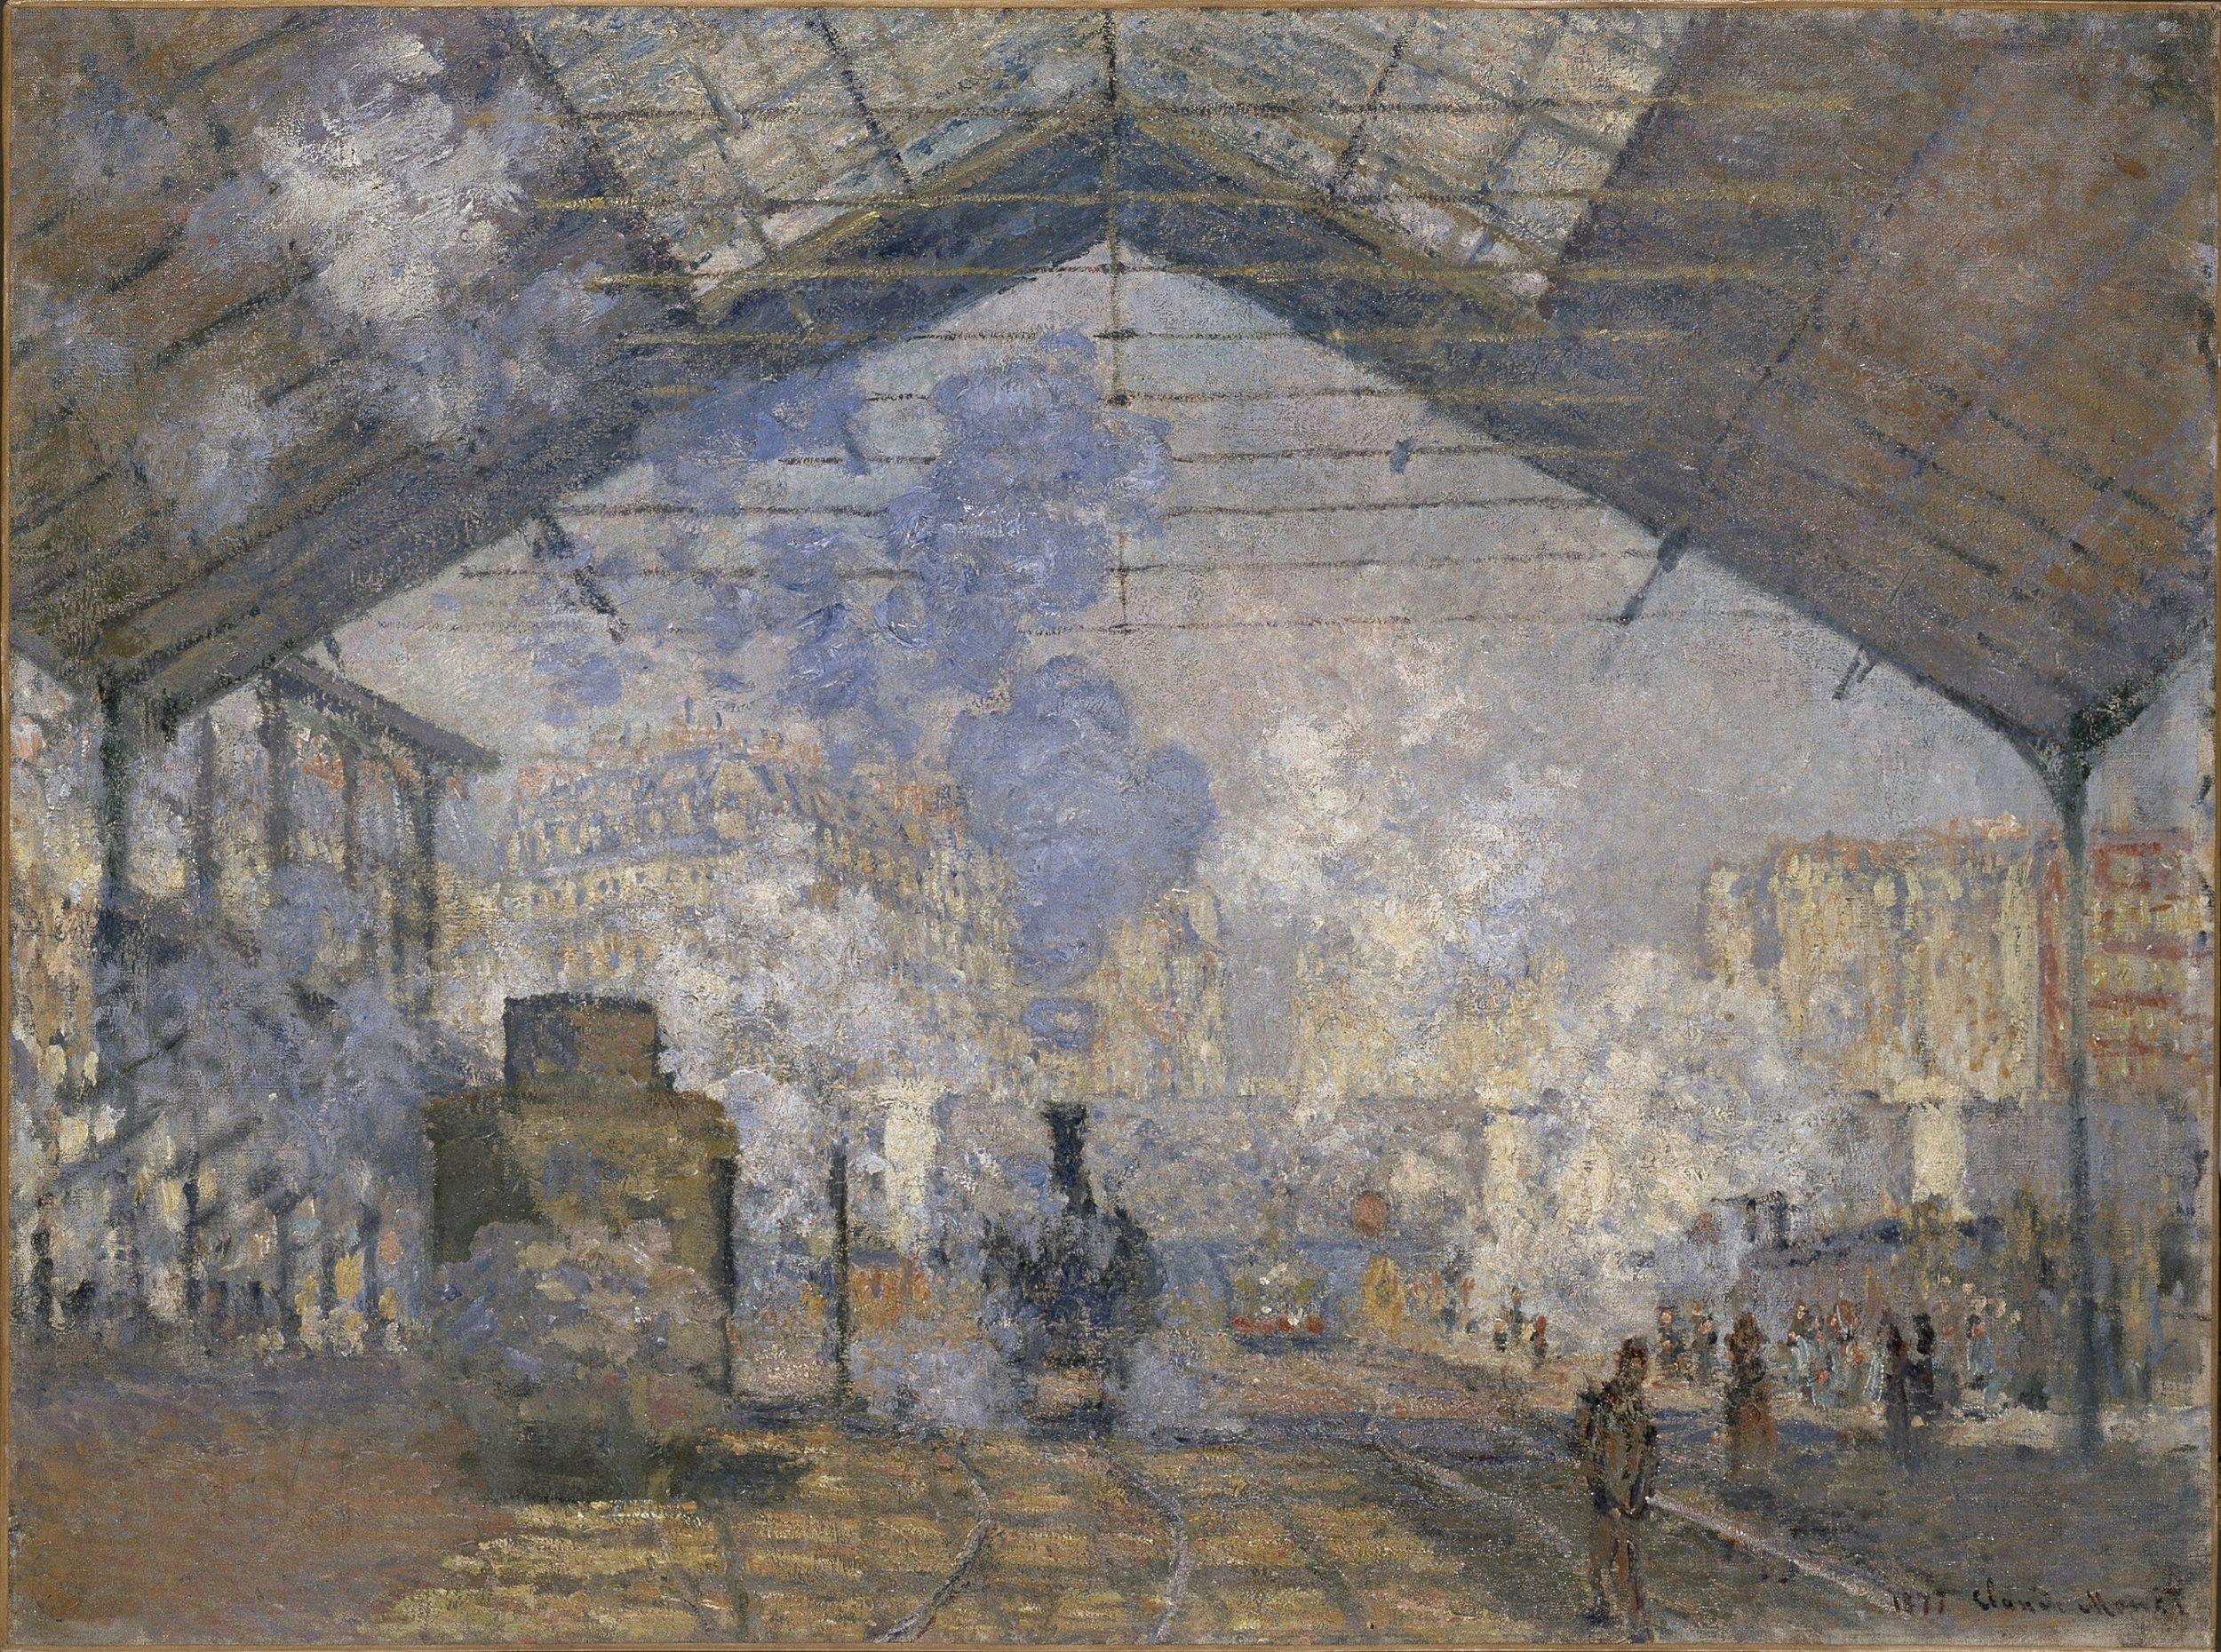 The Saint-Lazare Station, Claude Monet (1840-1926),France, 1877. 75.5 x 104 cm.Oil on canvas.© Musée d'Orsay, dist. RMN-Grand Palais / Patrice Schmidt